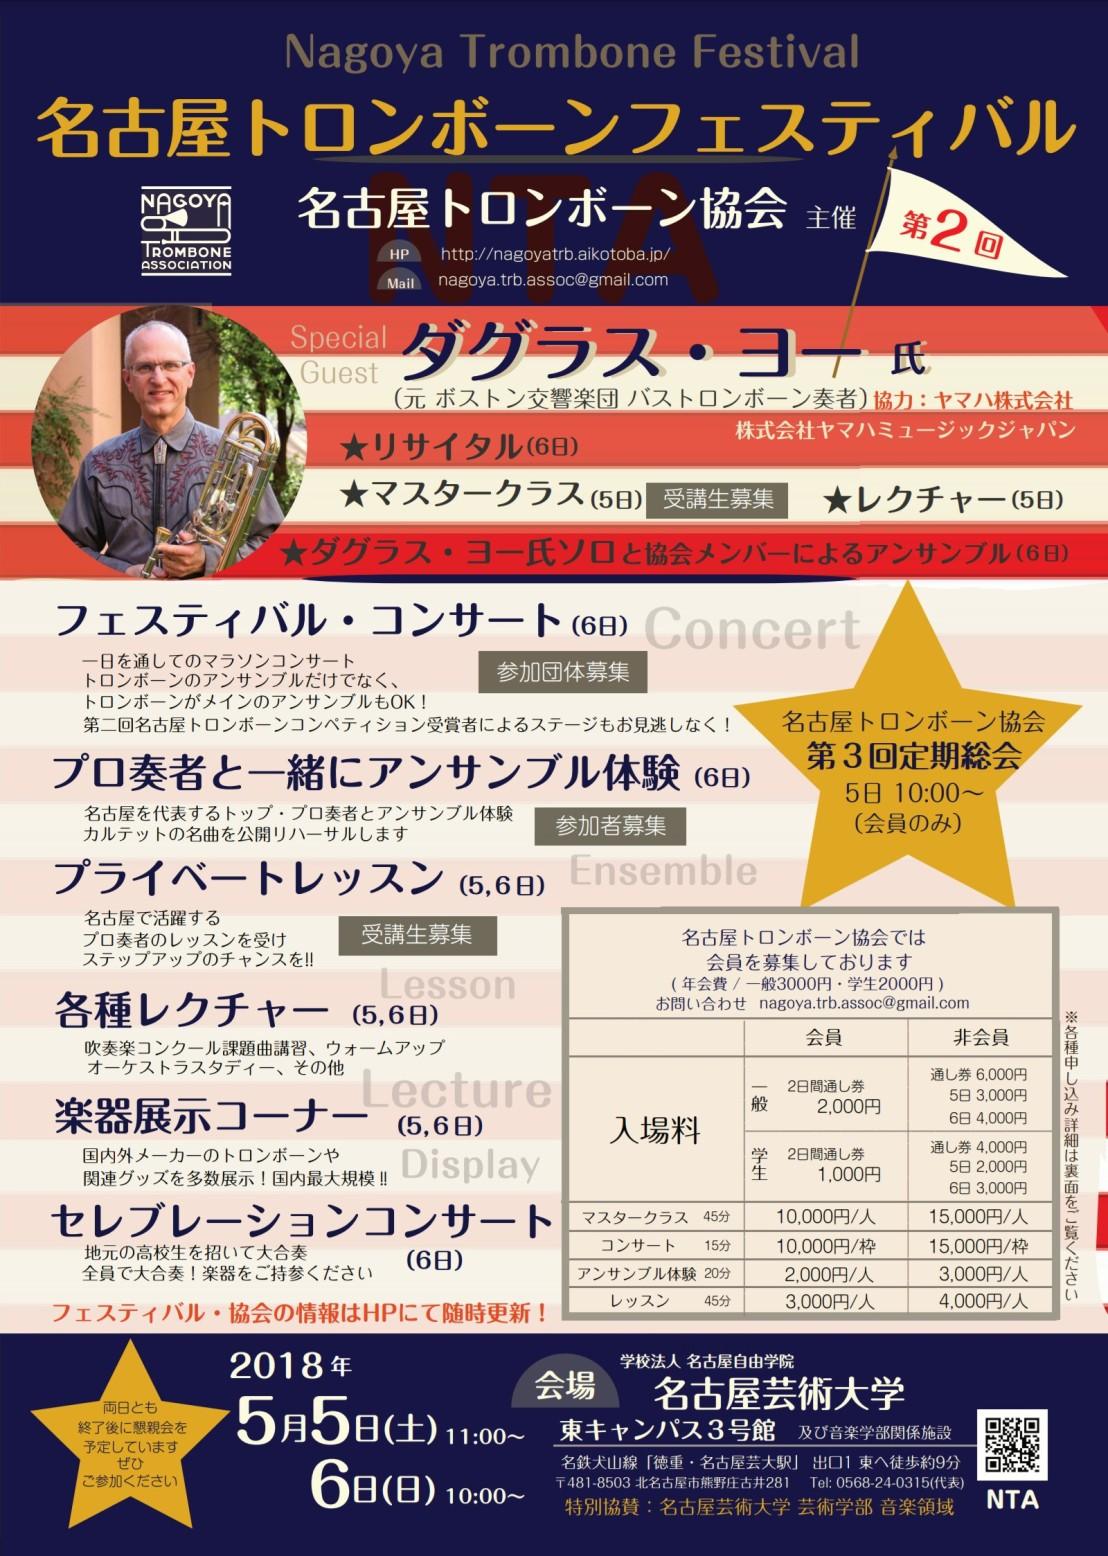 Yeo_Nagoya_trombone_festival_poster